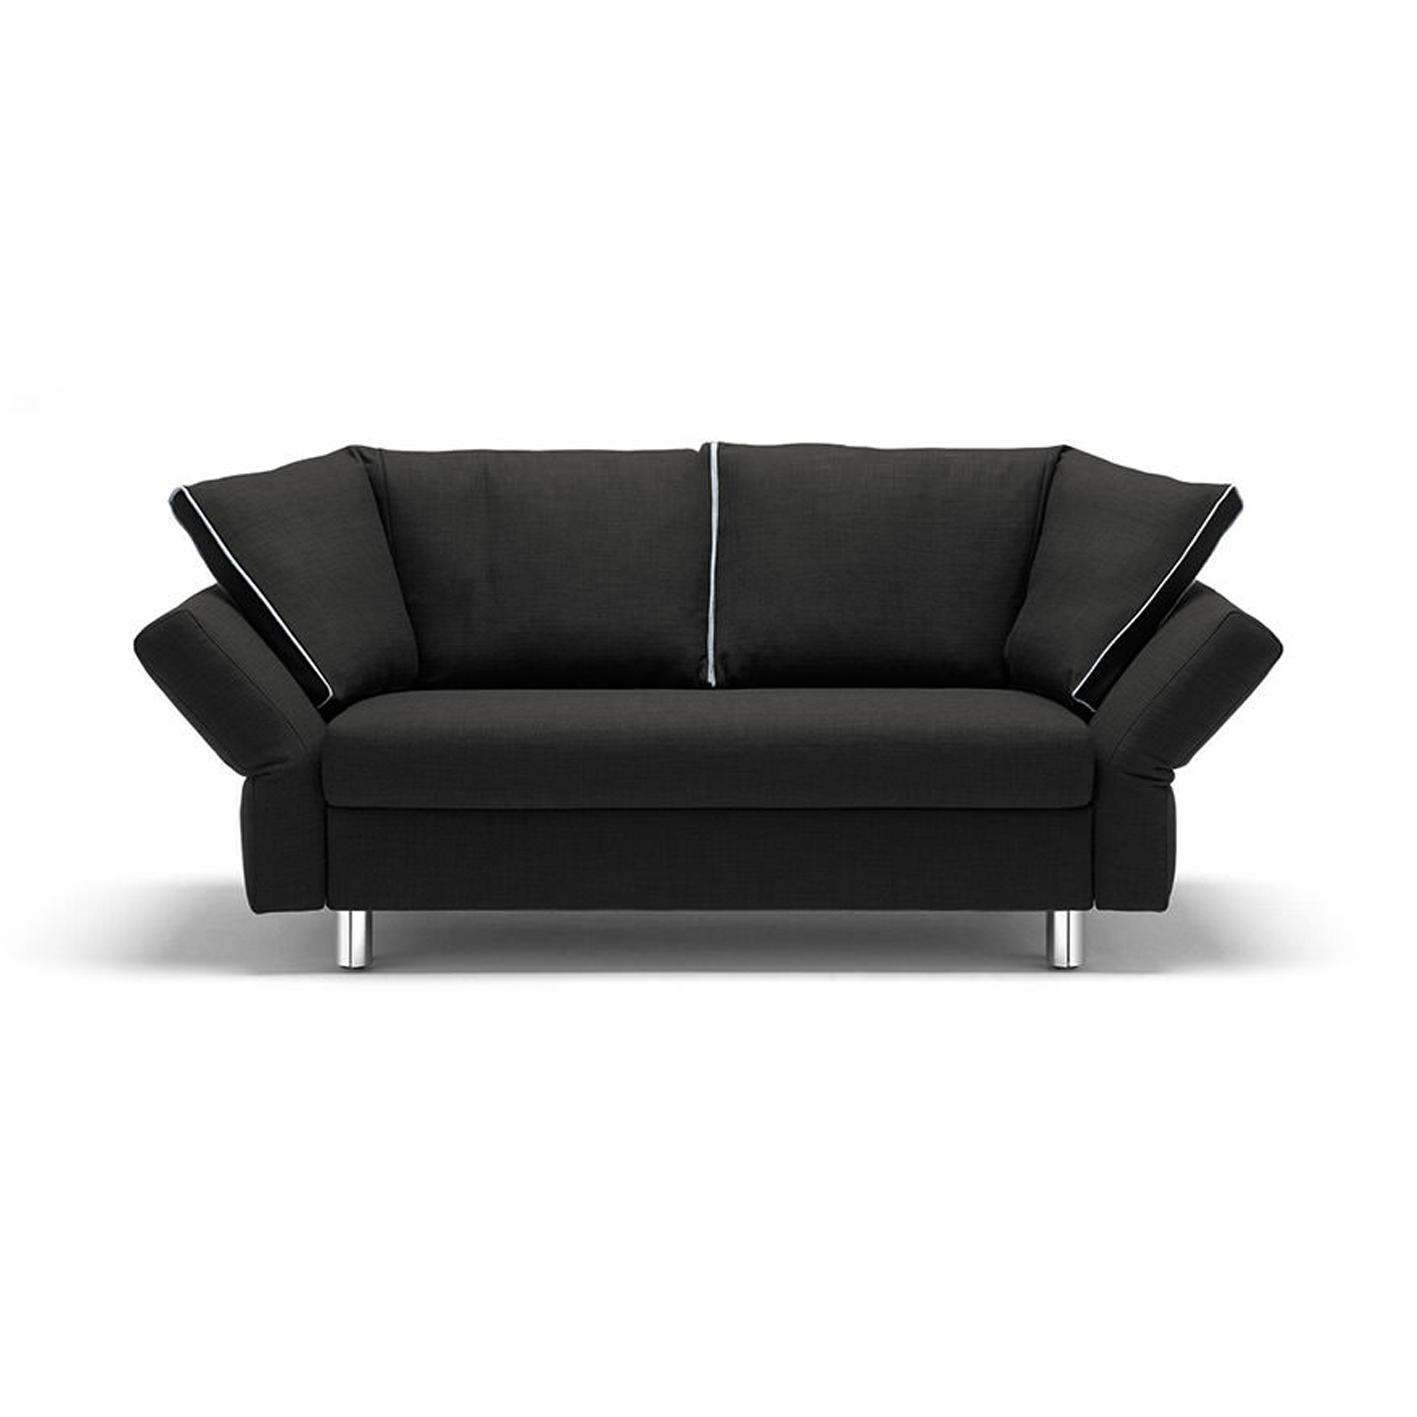 Sofa 3 Franz Fertig Malou Sofa